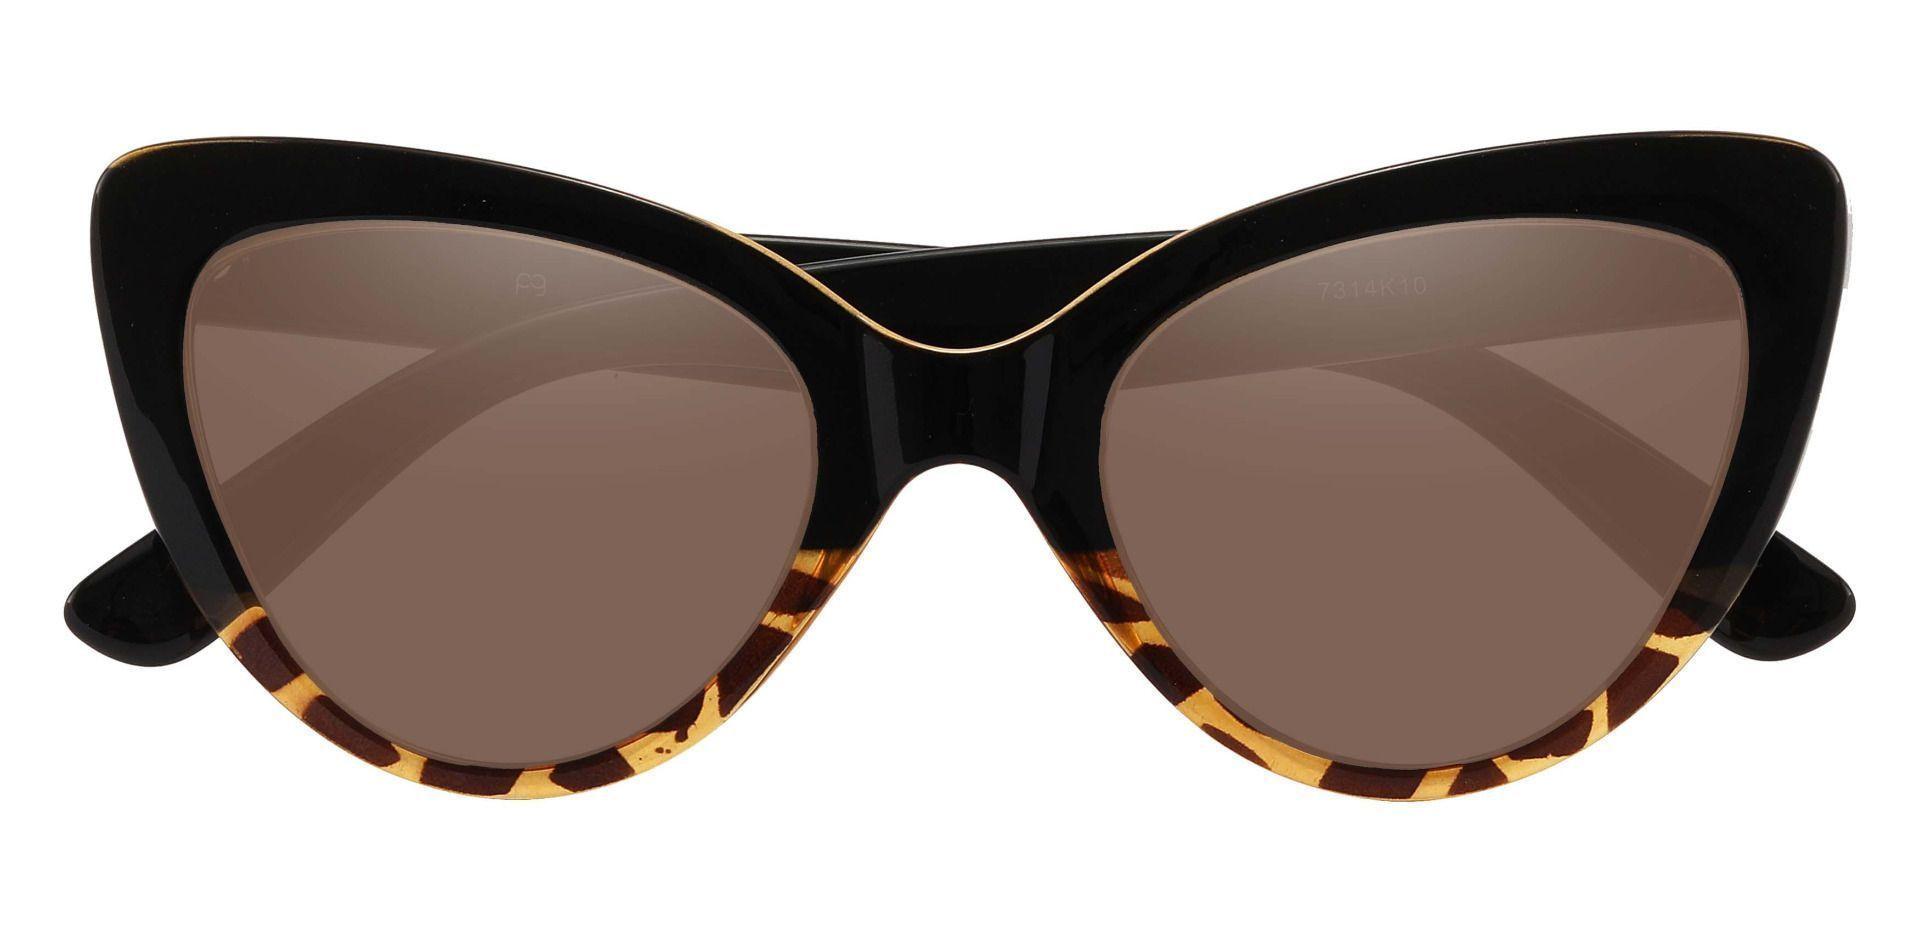 Melinda Cat Eye Prescription Sunglasses - Black Frame With Brown Lenses